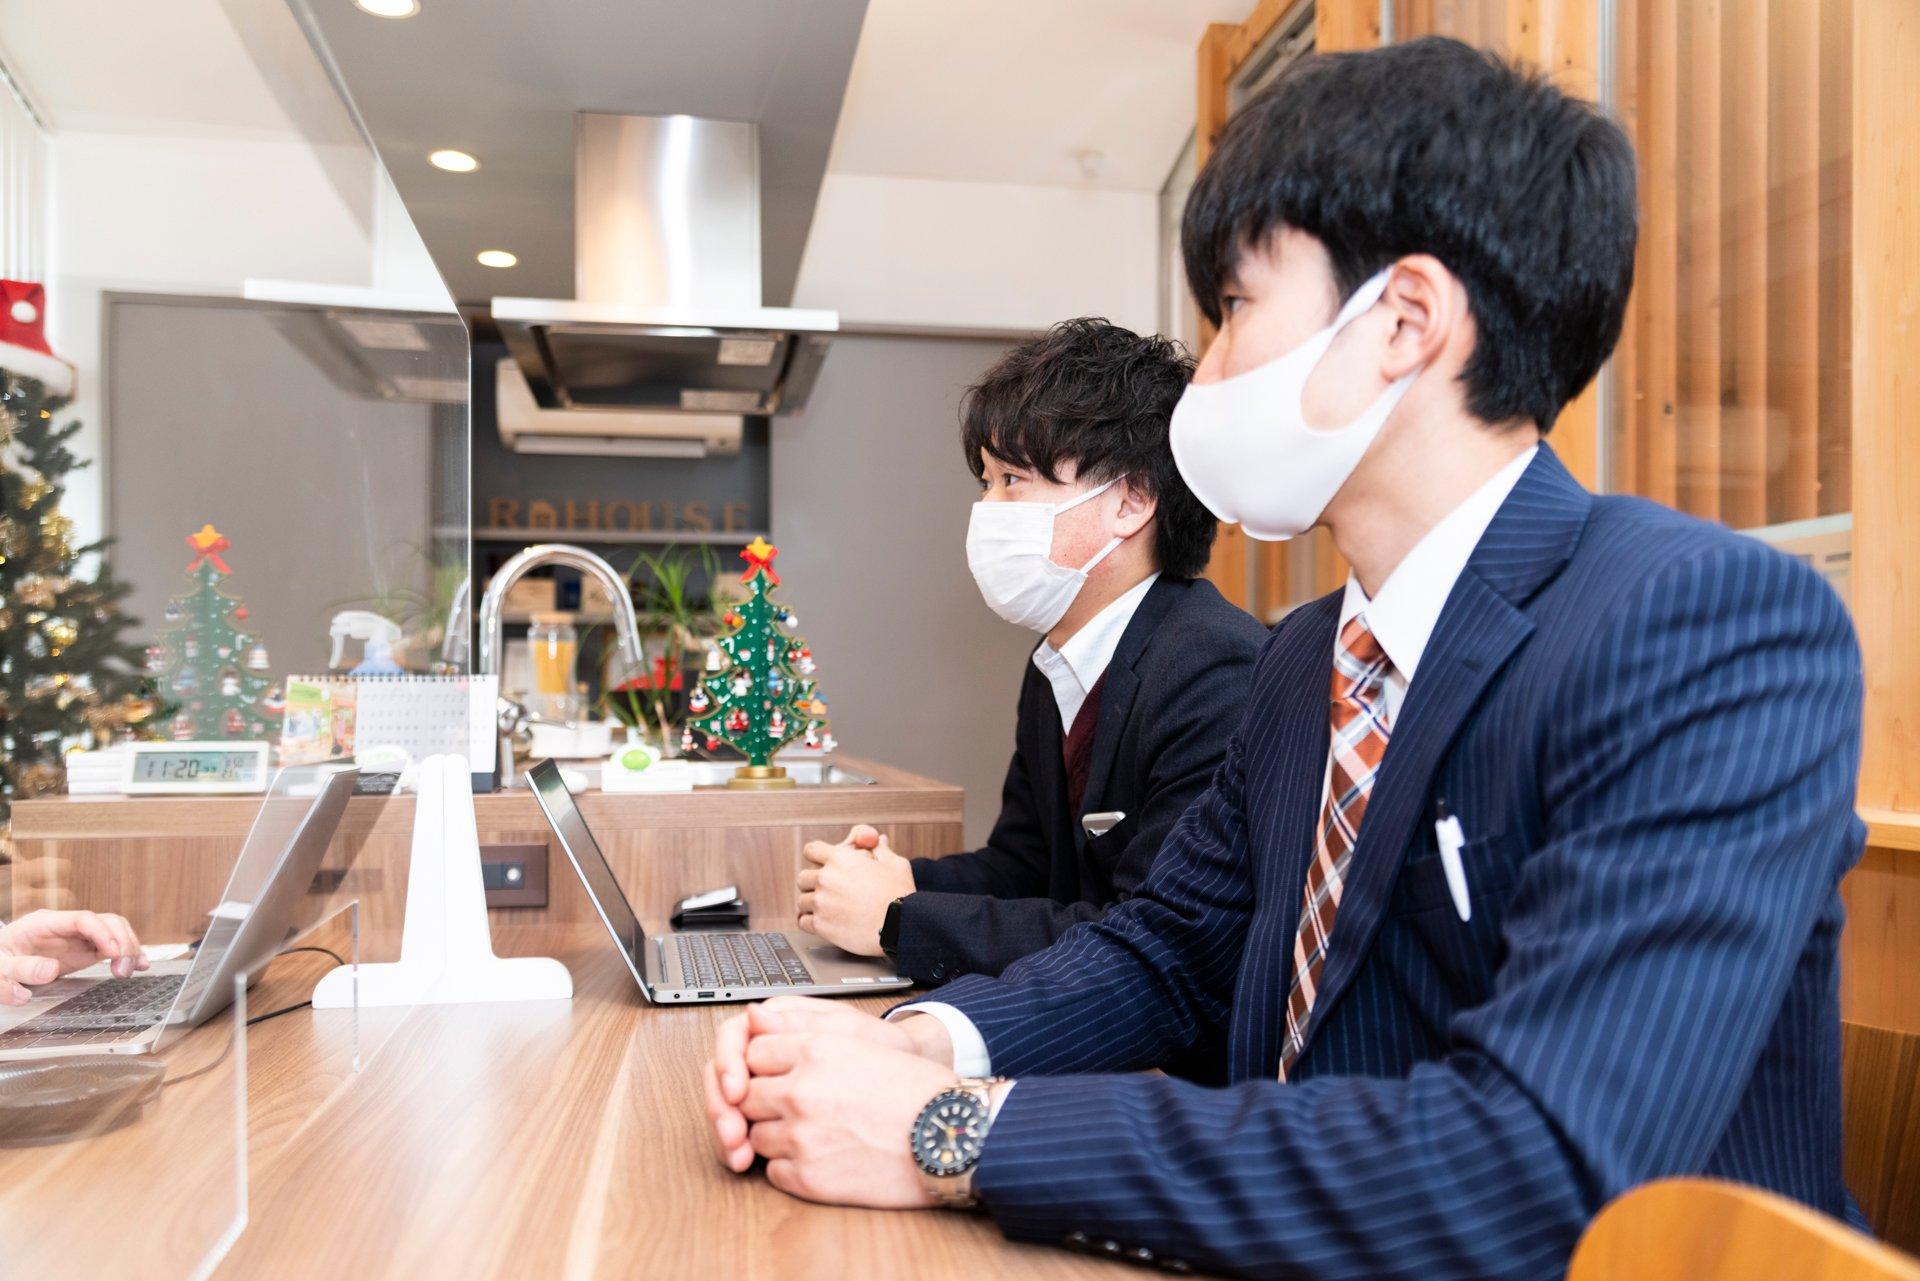 07_【イタンジン】ピタットハウス半田店